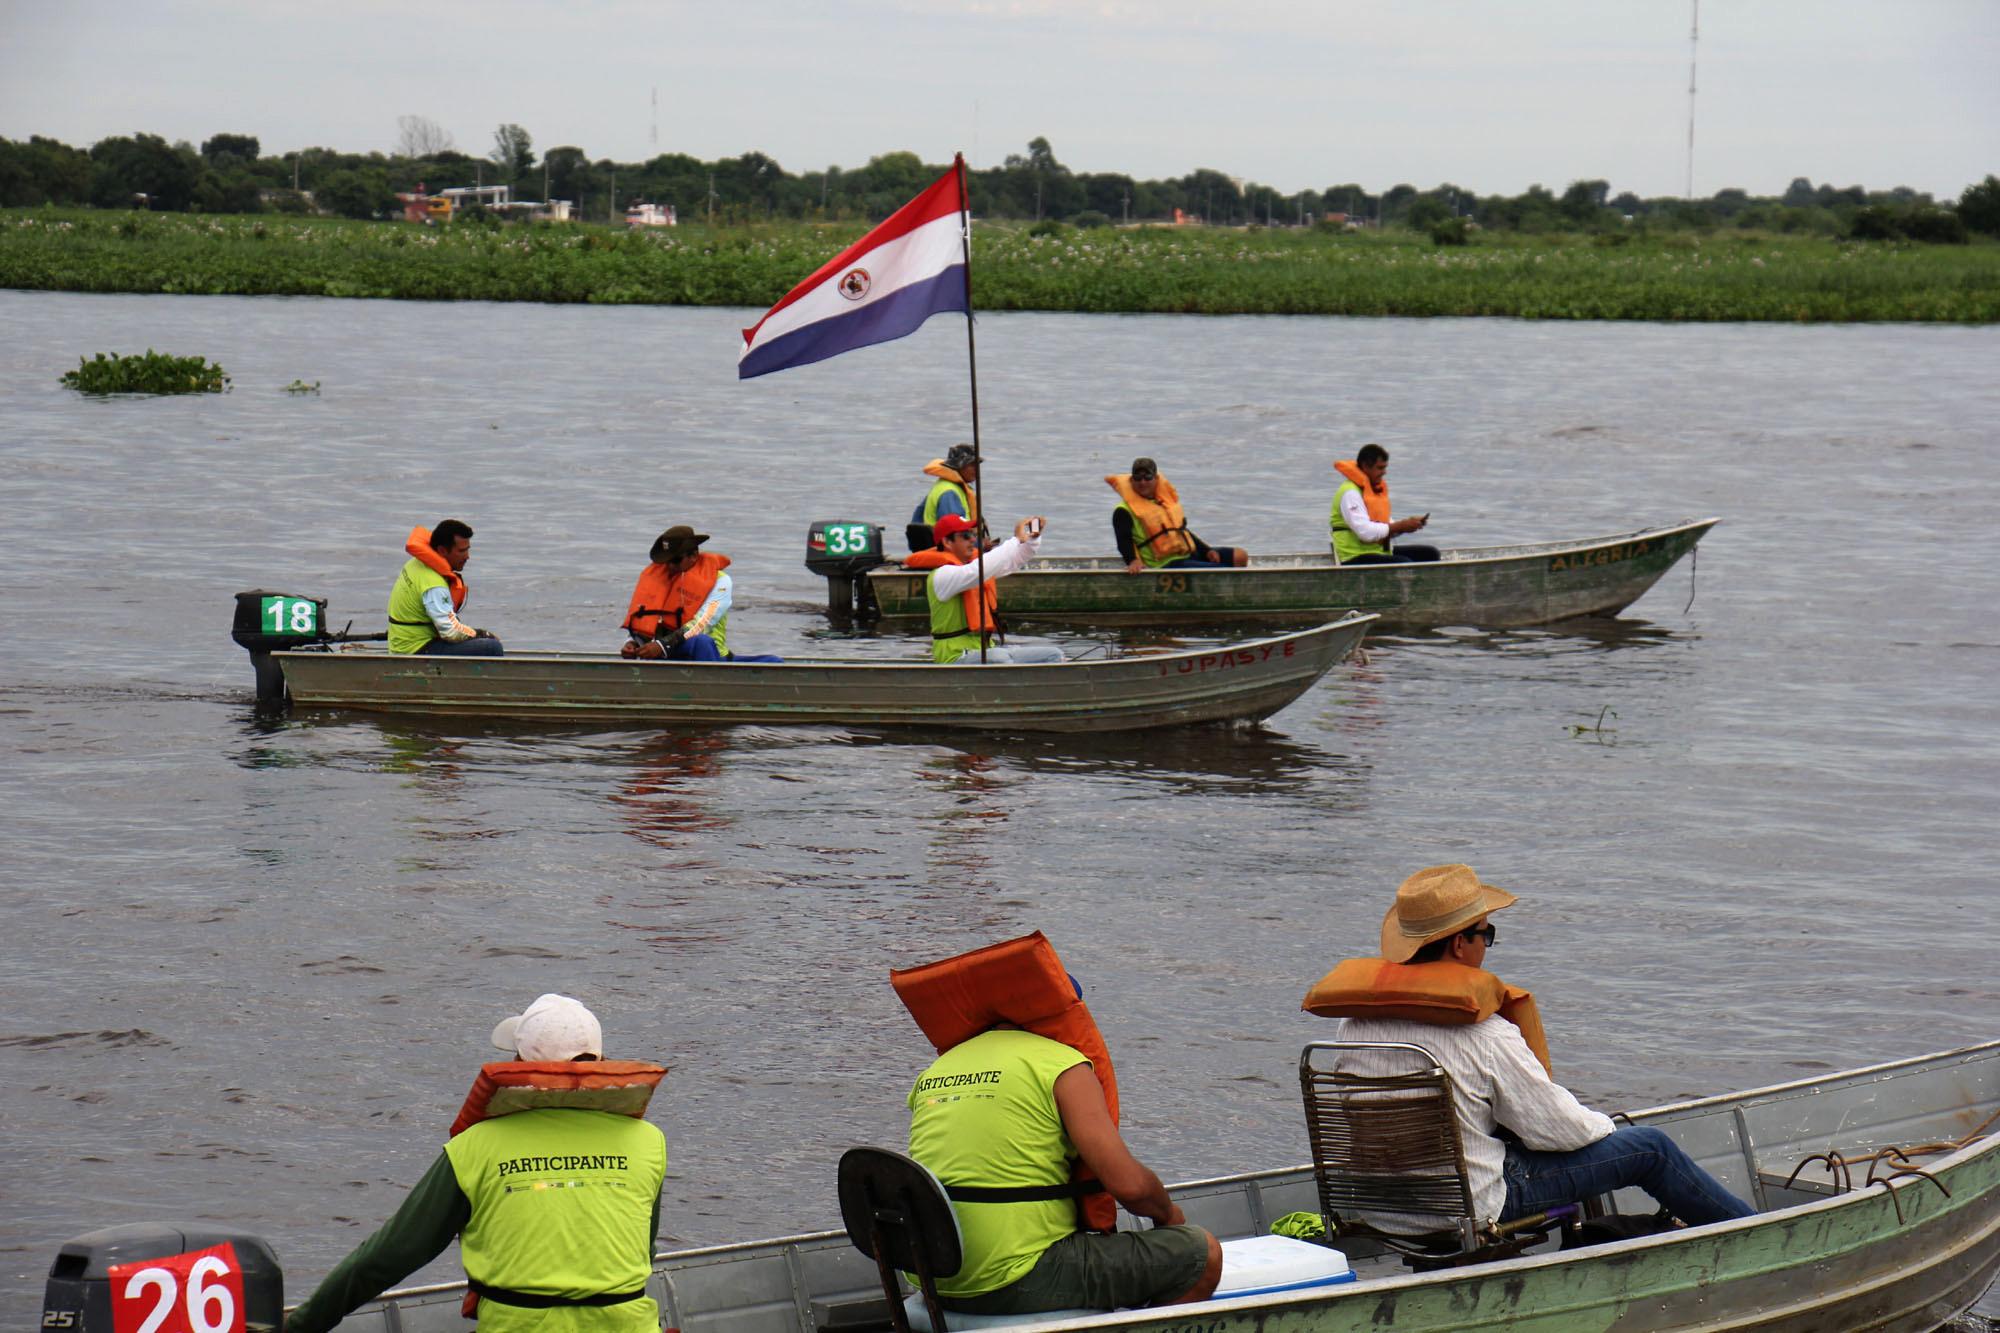 9º Campeonato de Pesca Esportiva de Porto Murtinho acontece entre os 1º e 3 de novembro